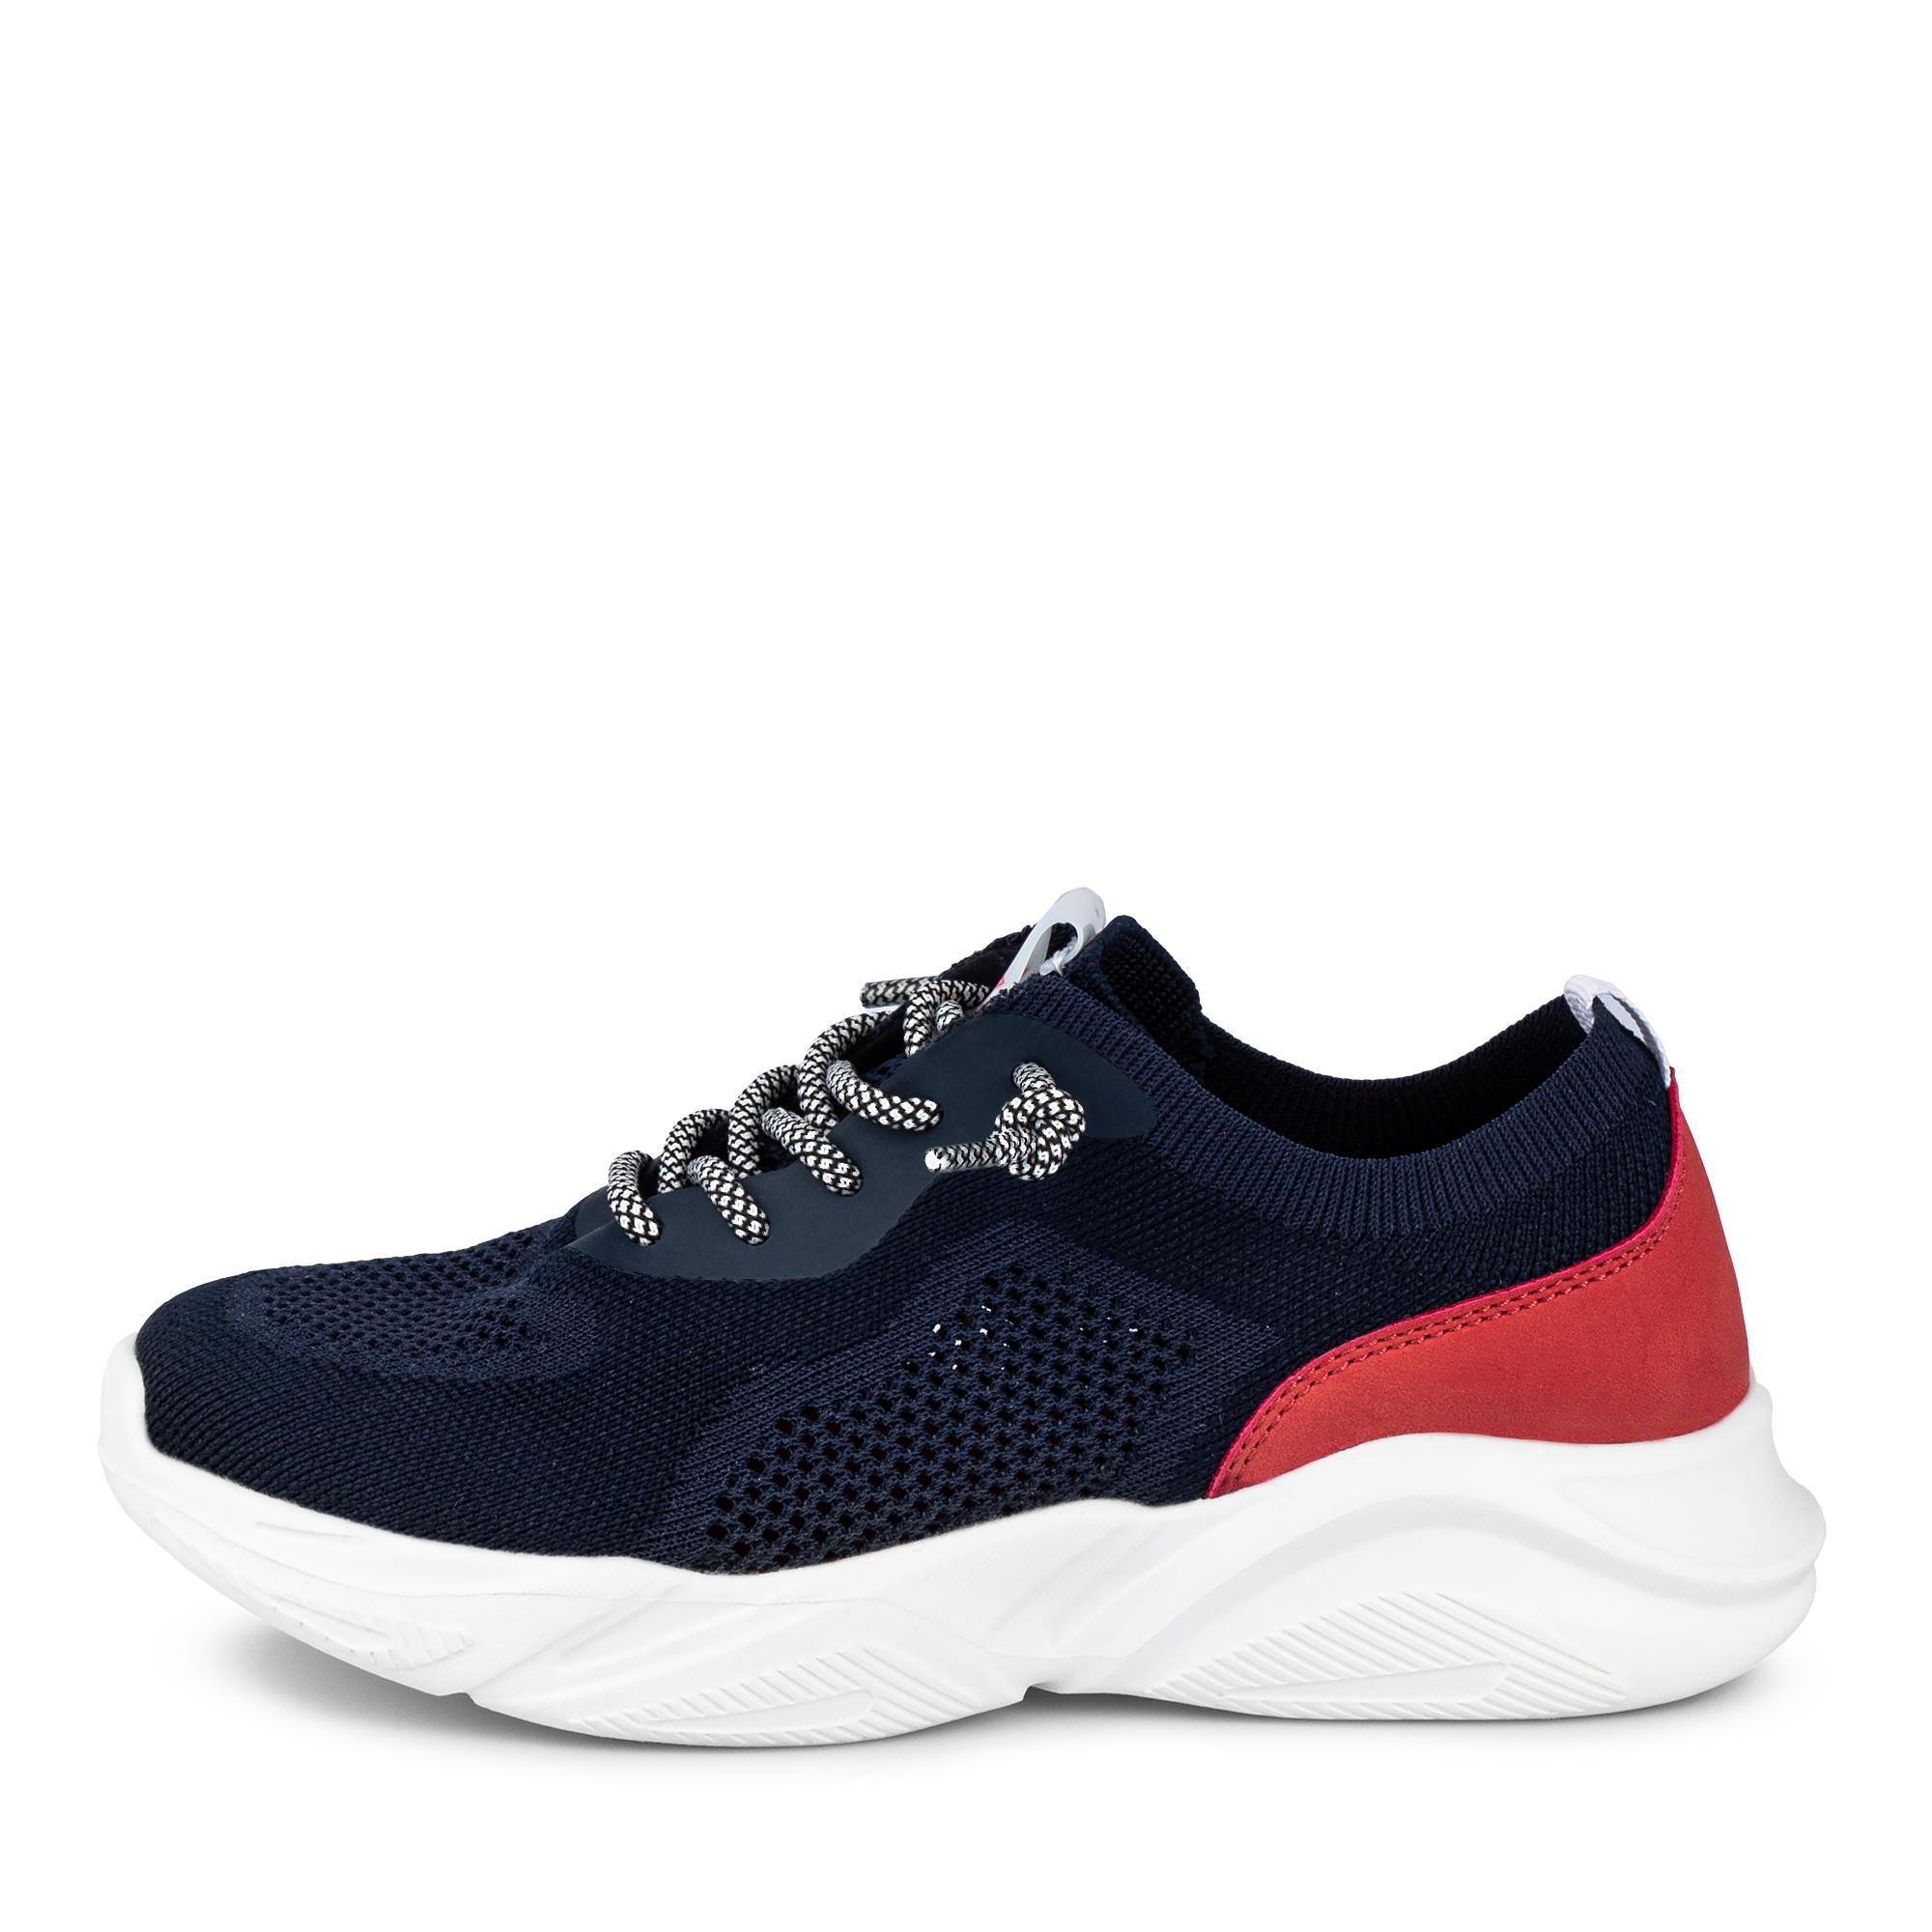 Обувь для мальчиков MUNZ YOUNG 018-065A-9203